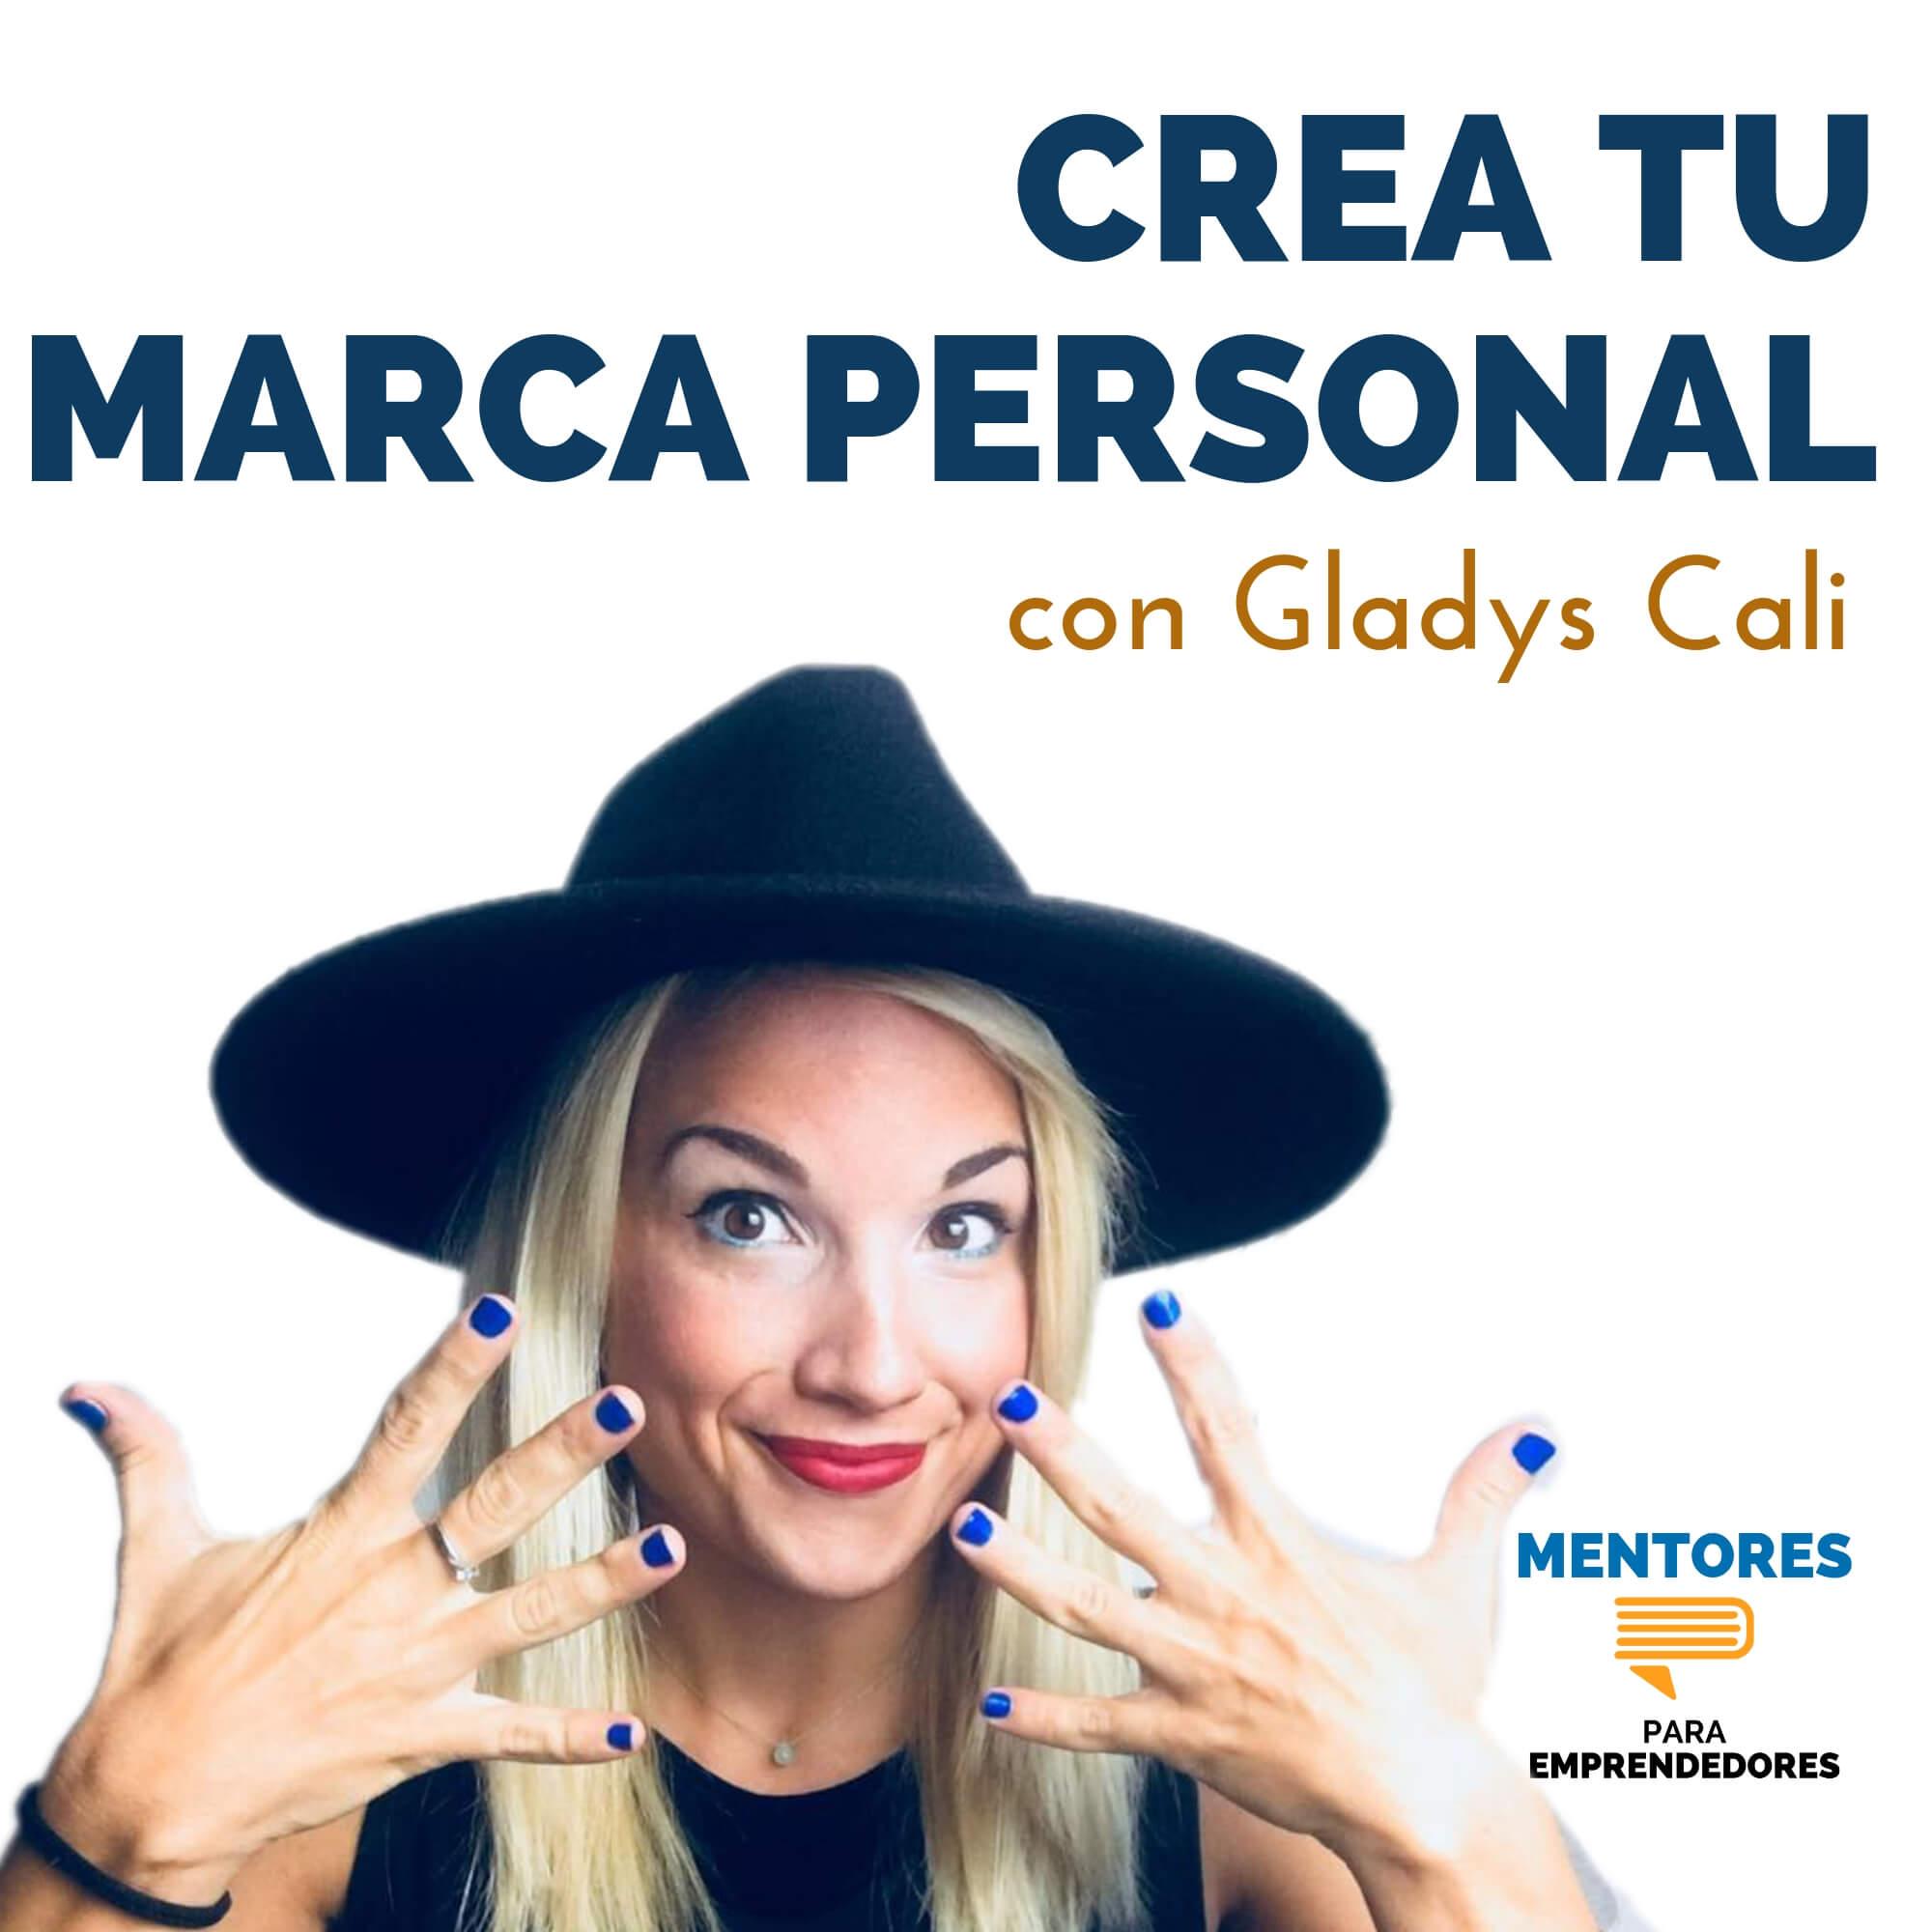 Crea tu marca personal, con Gladys Cali - MENTORES